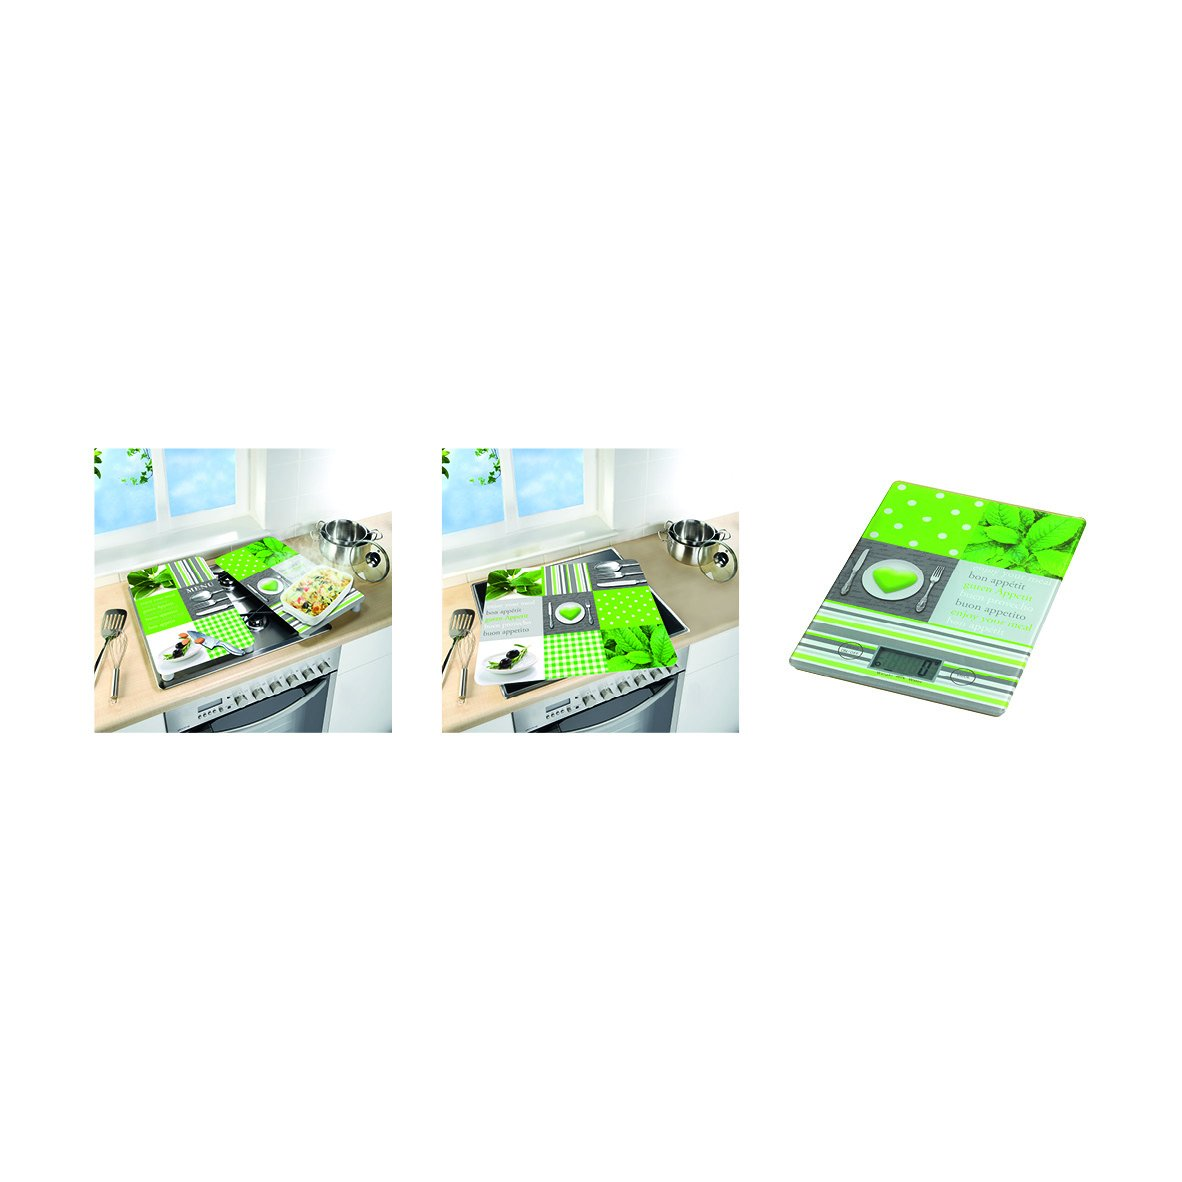 Amazon.com: Wenko Motif de encimera Menú para Glass Ceramic ...